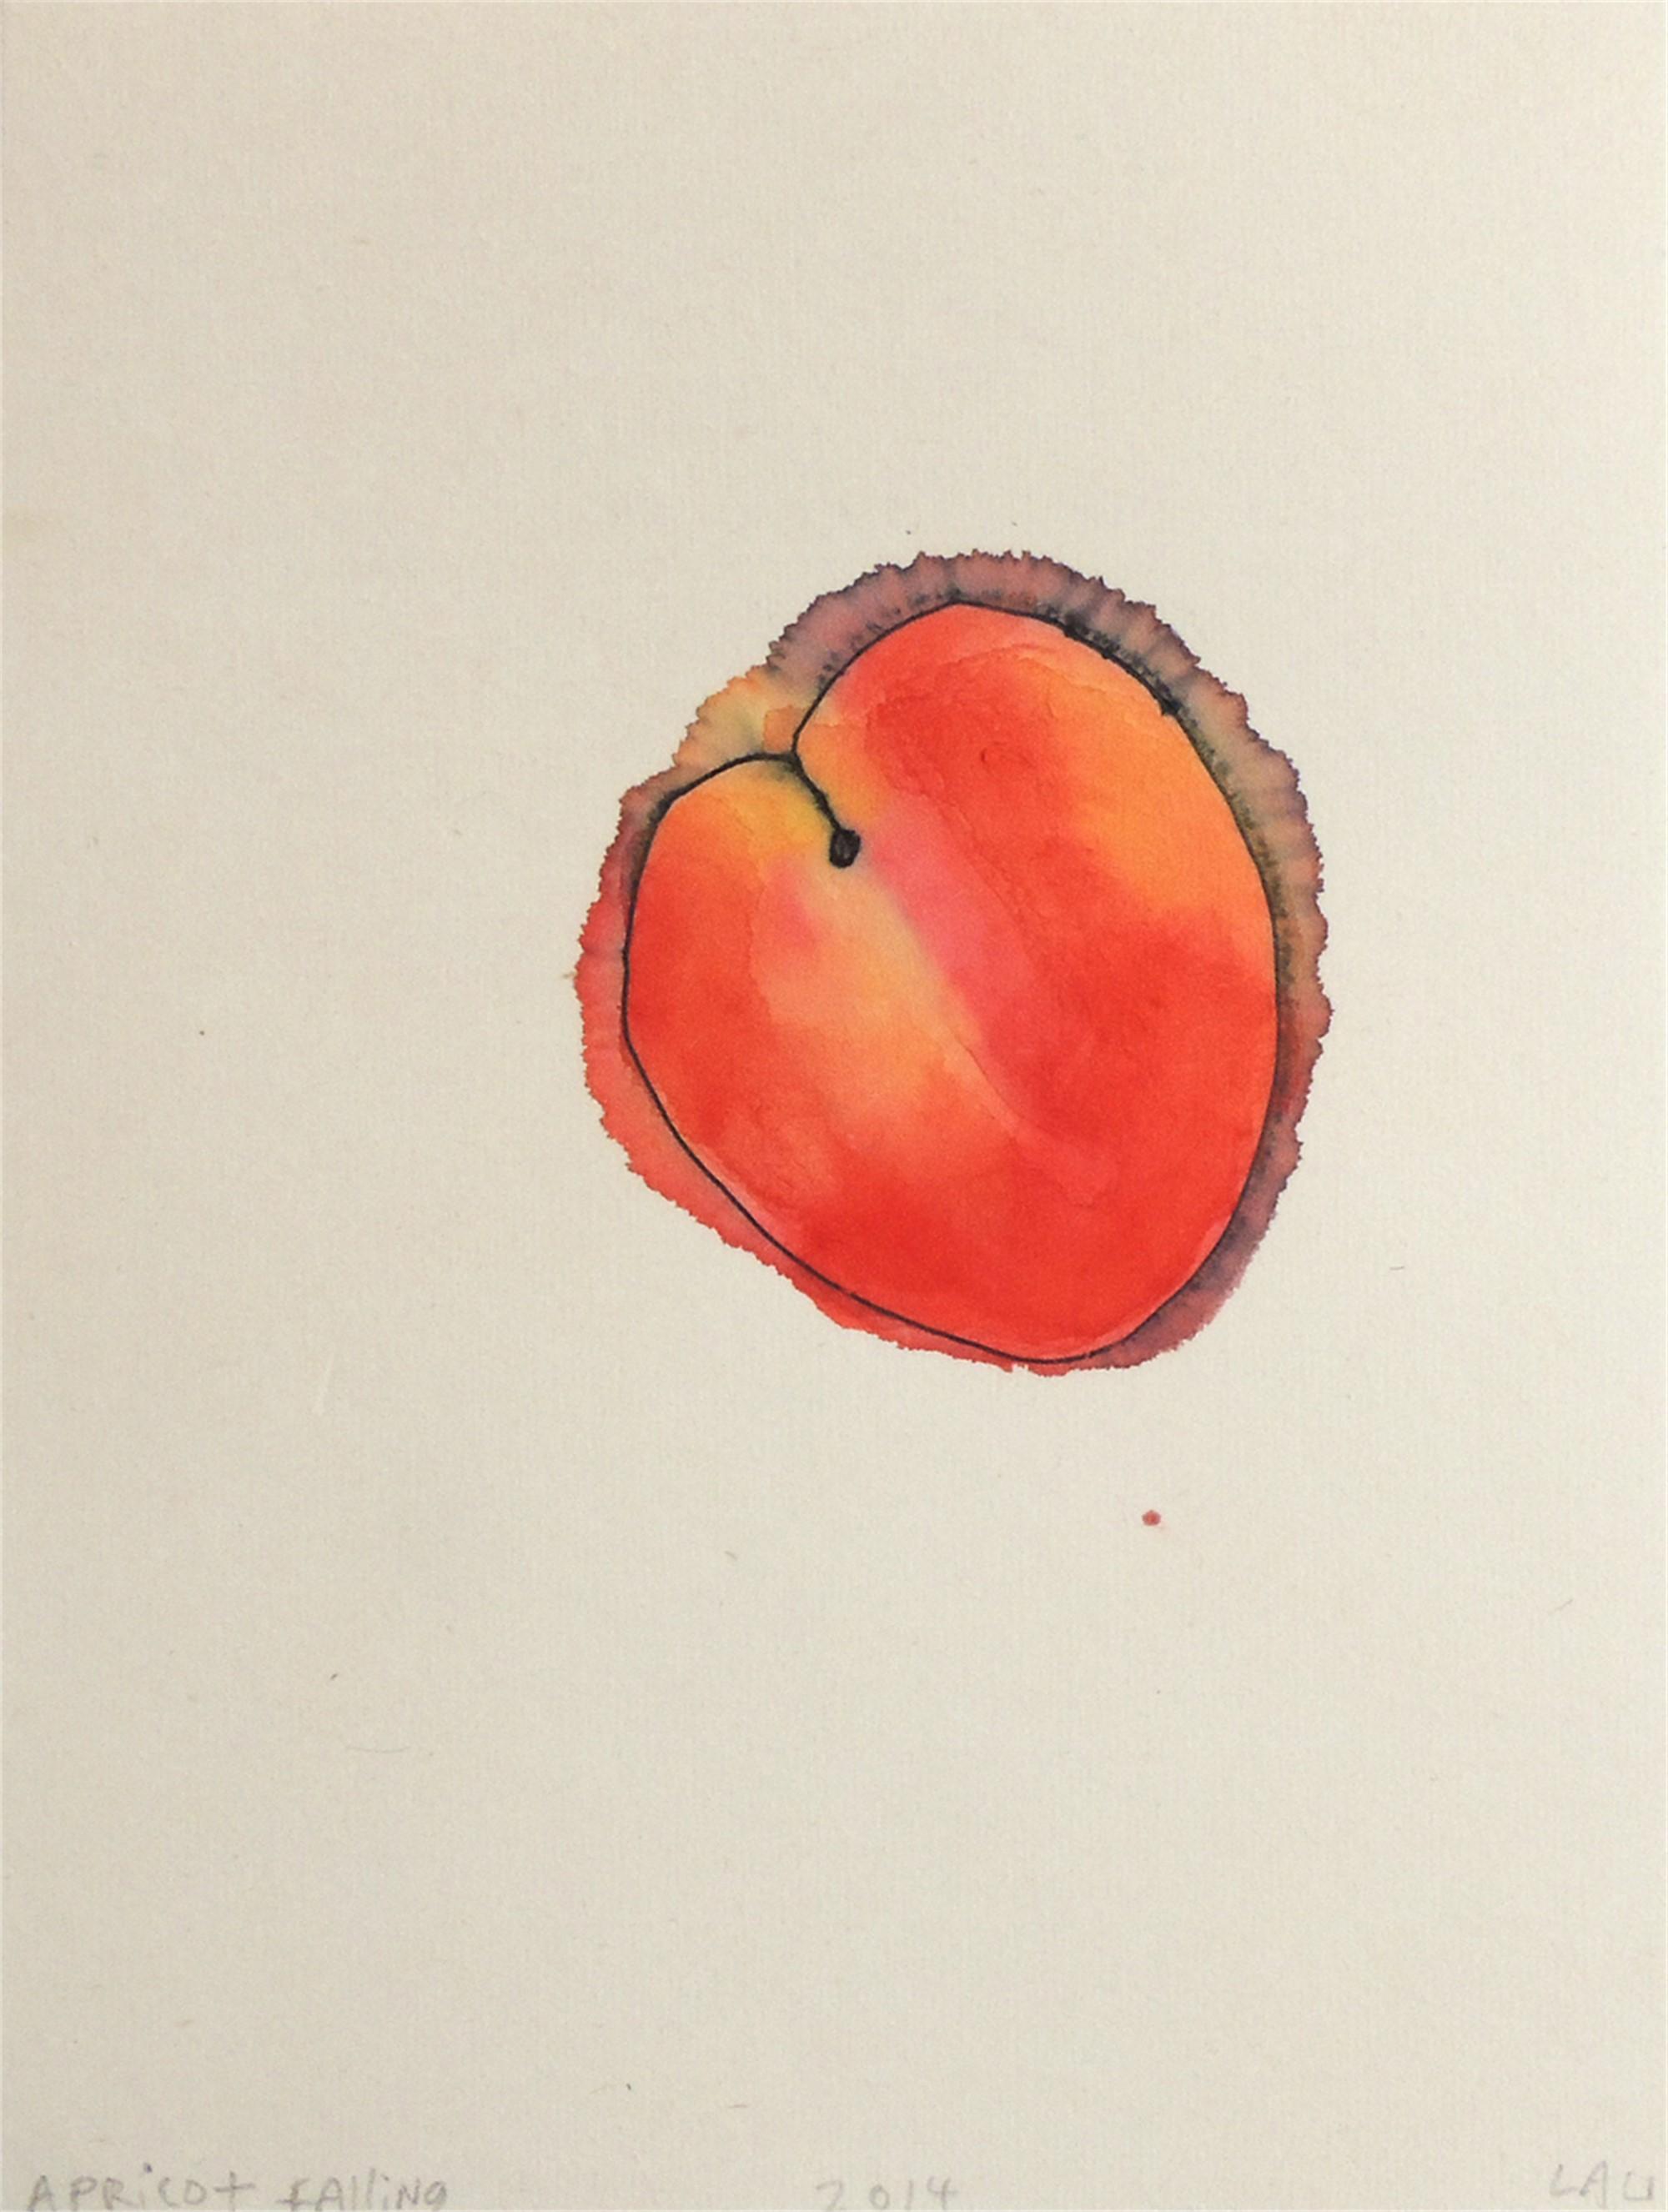 apricot falling by Alan Lau